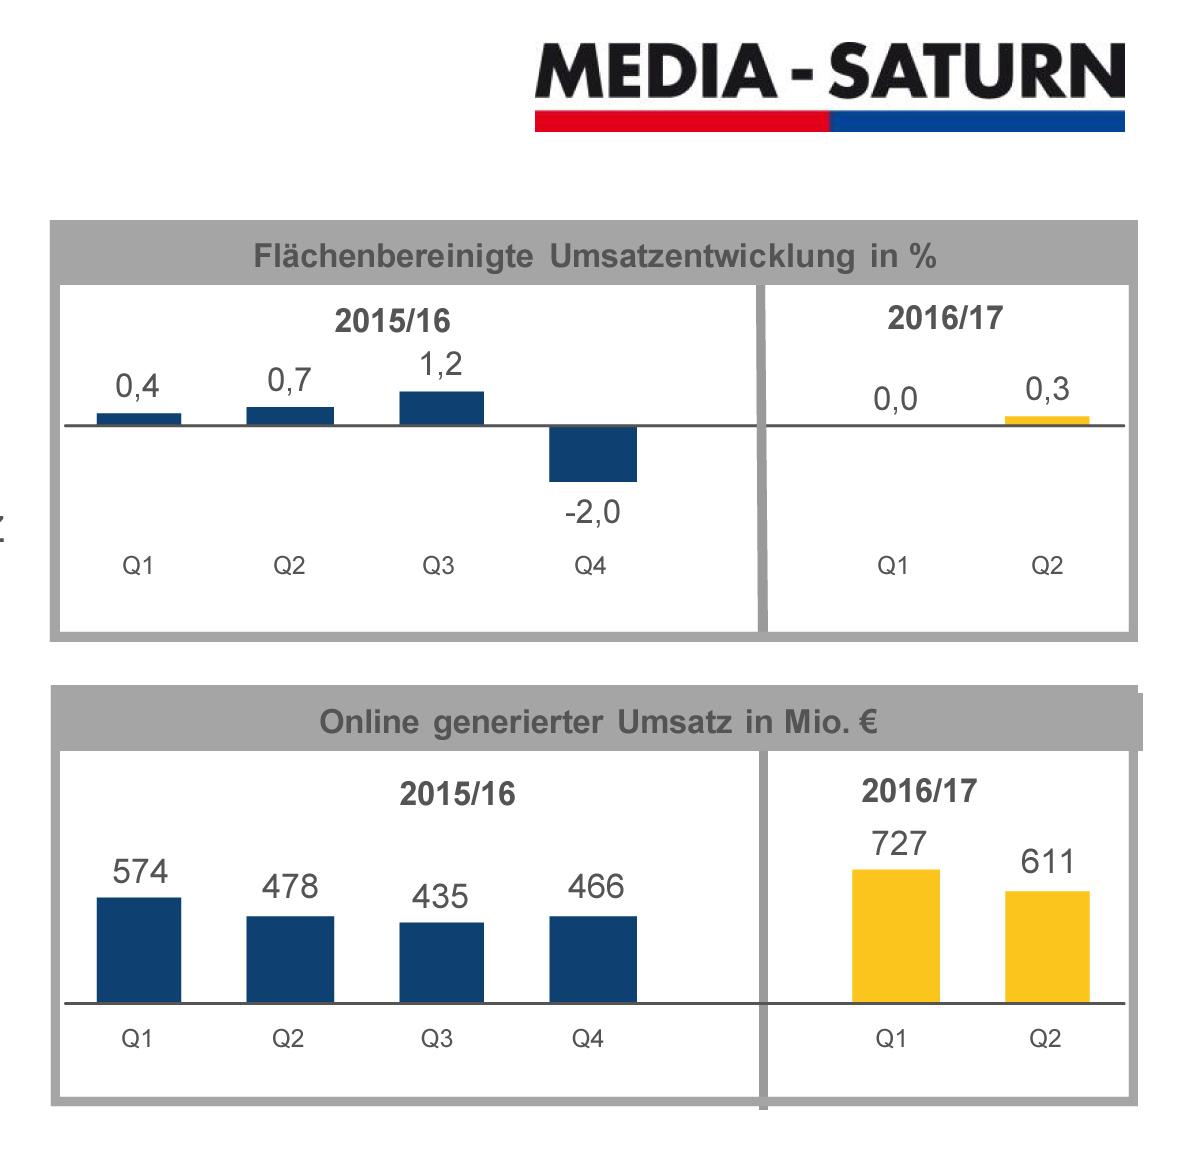 MSH Umsatzentwicklung 2016/17